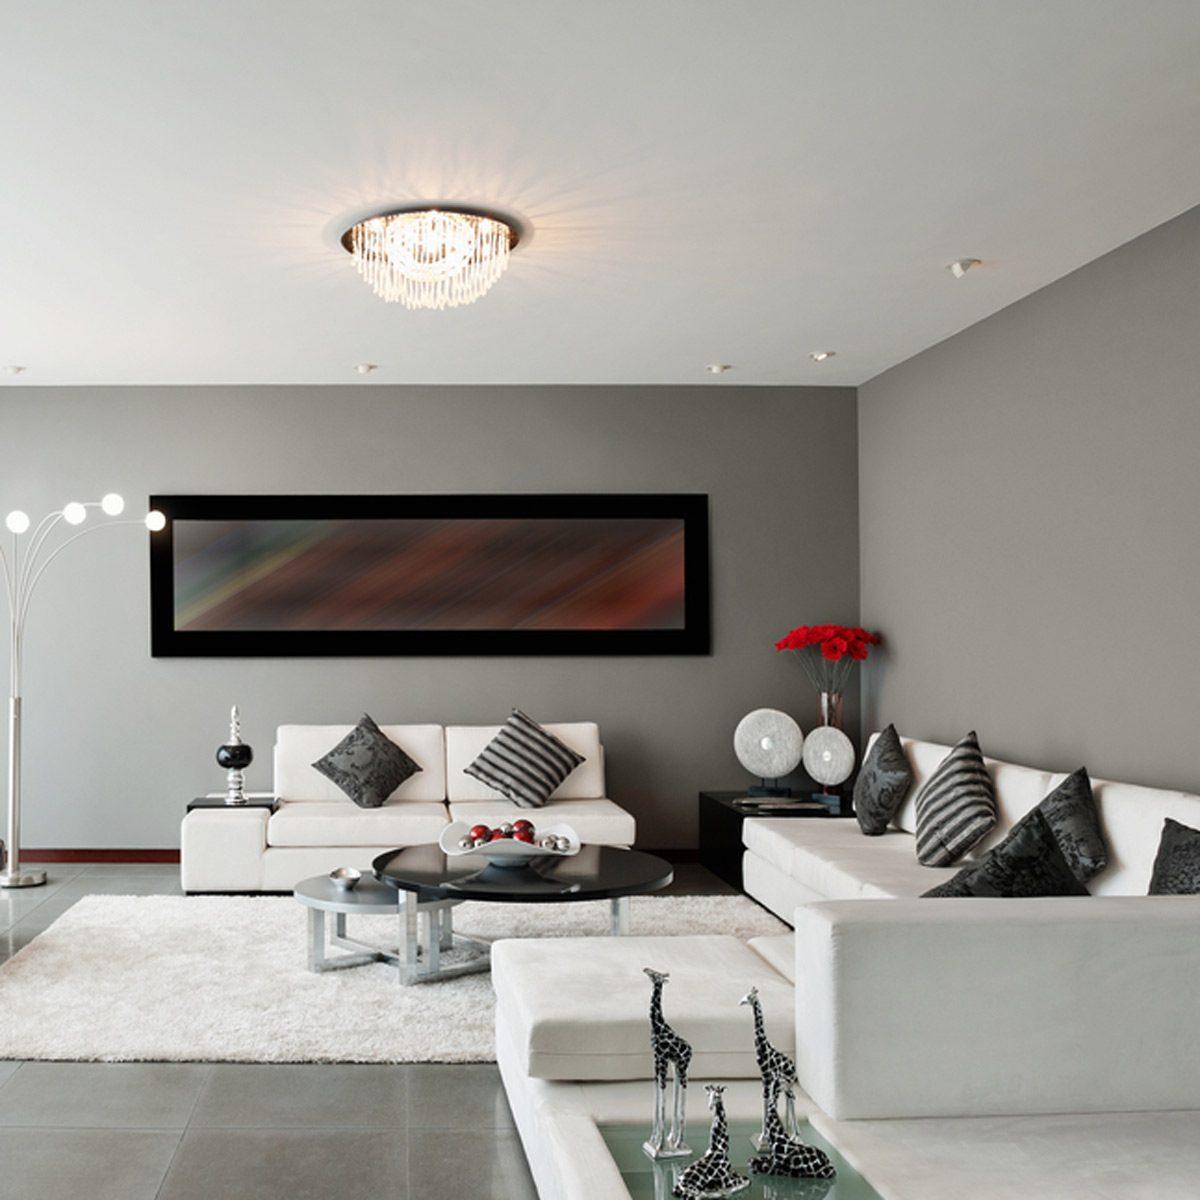 Living Room Wall Color Ideas: Crisp Gray